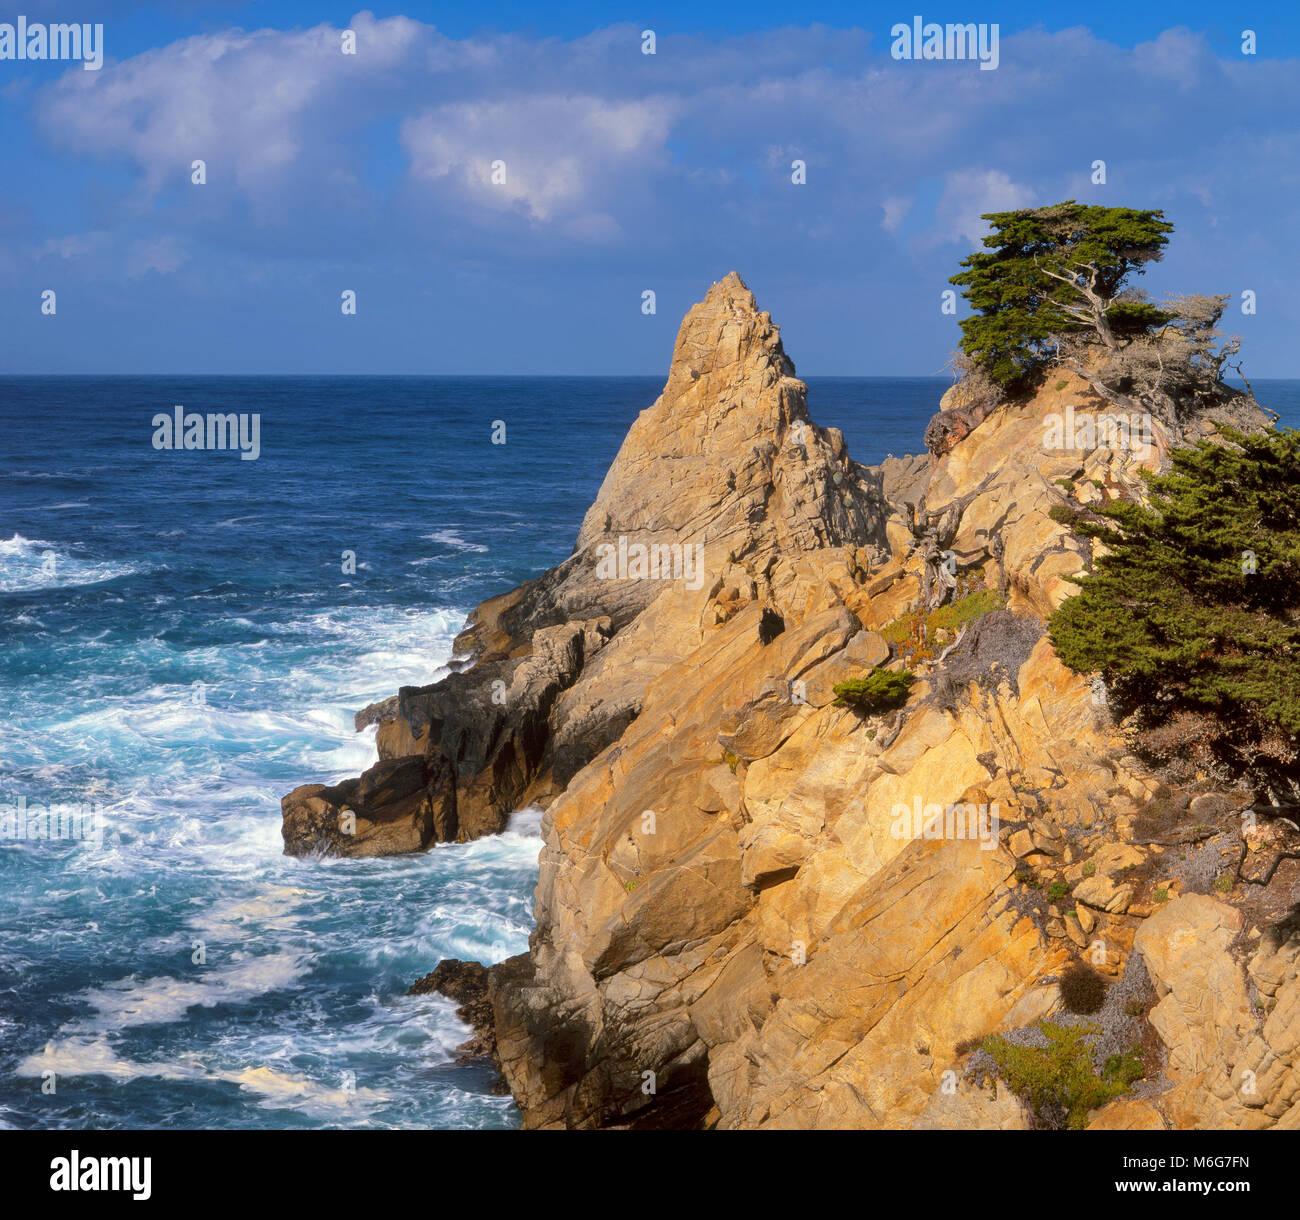 L'Apogée, Point Lobos State Reserve, Big Sur, Monterey County, Californie Banque D'Images